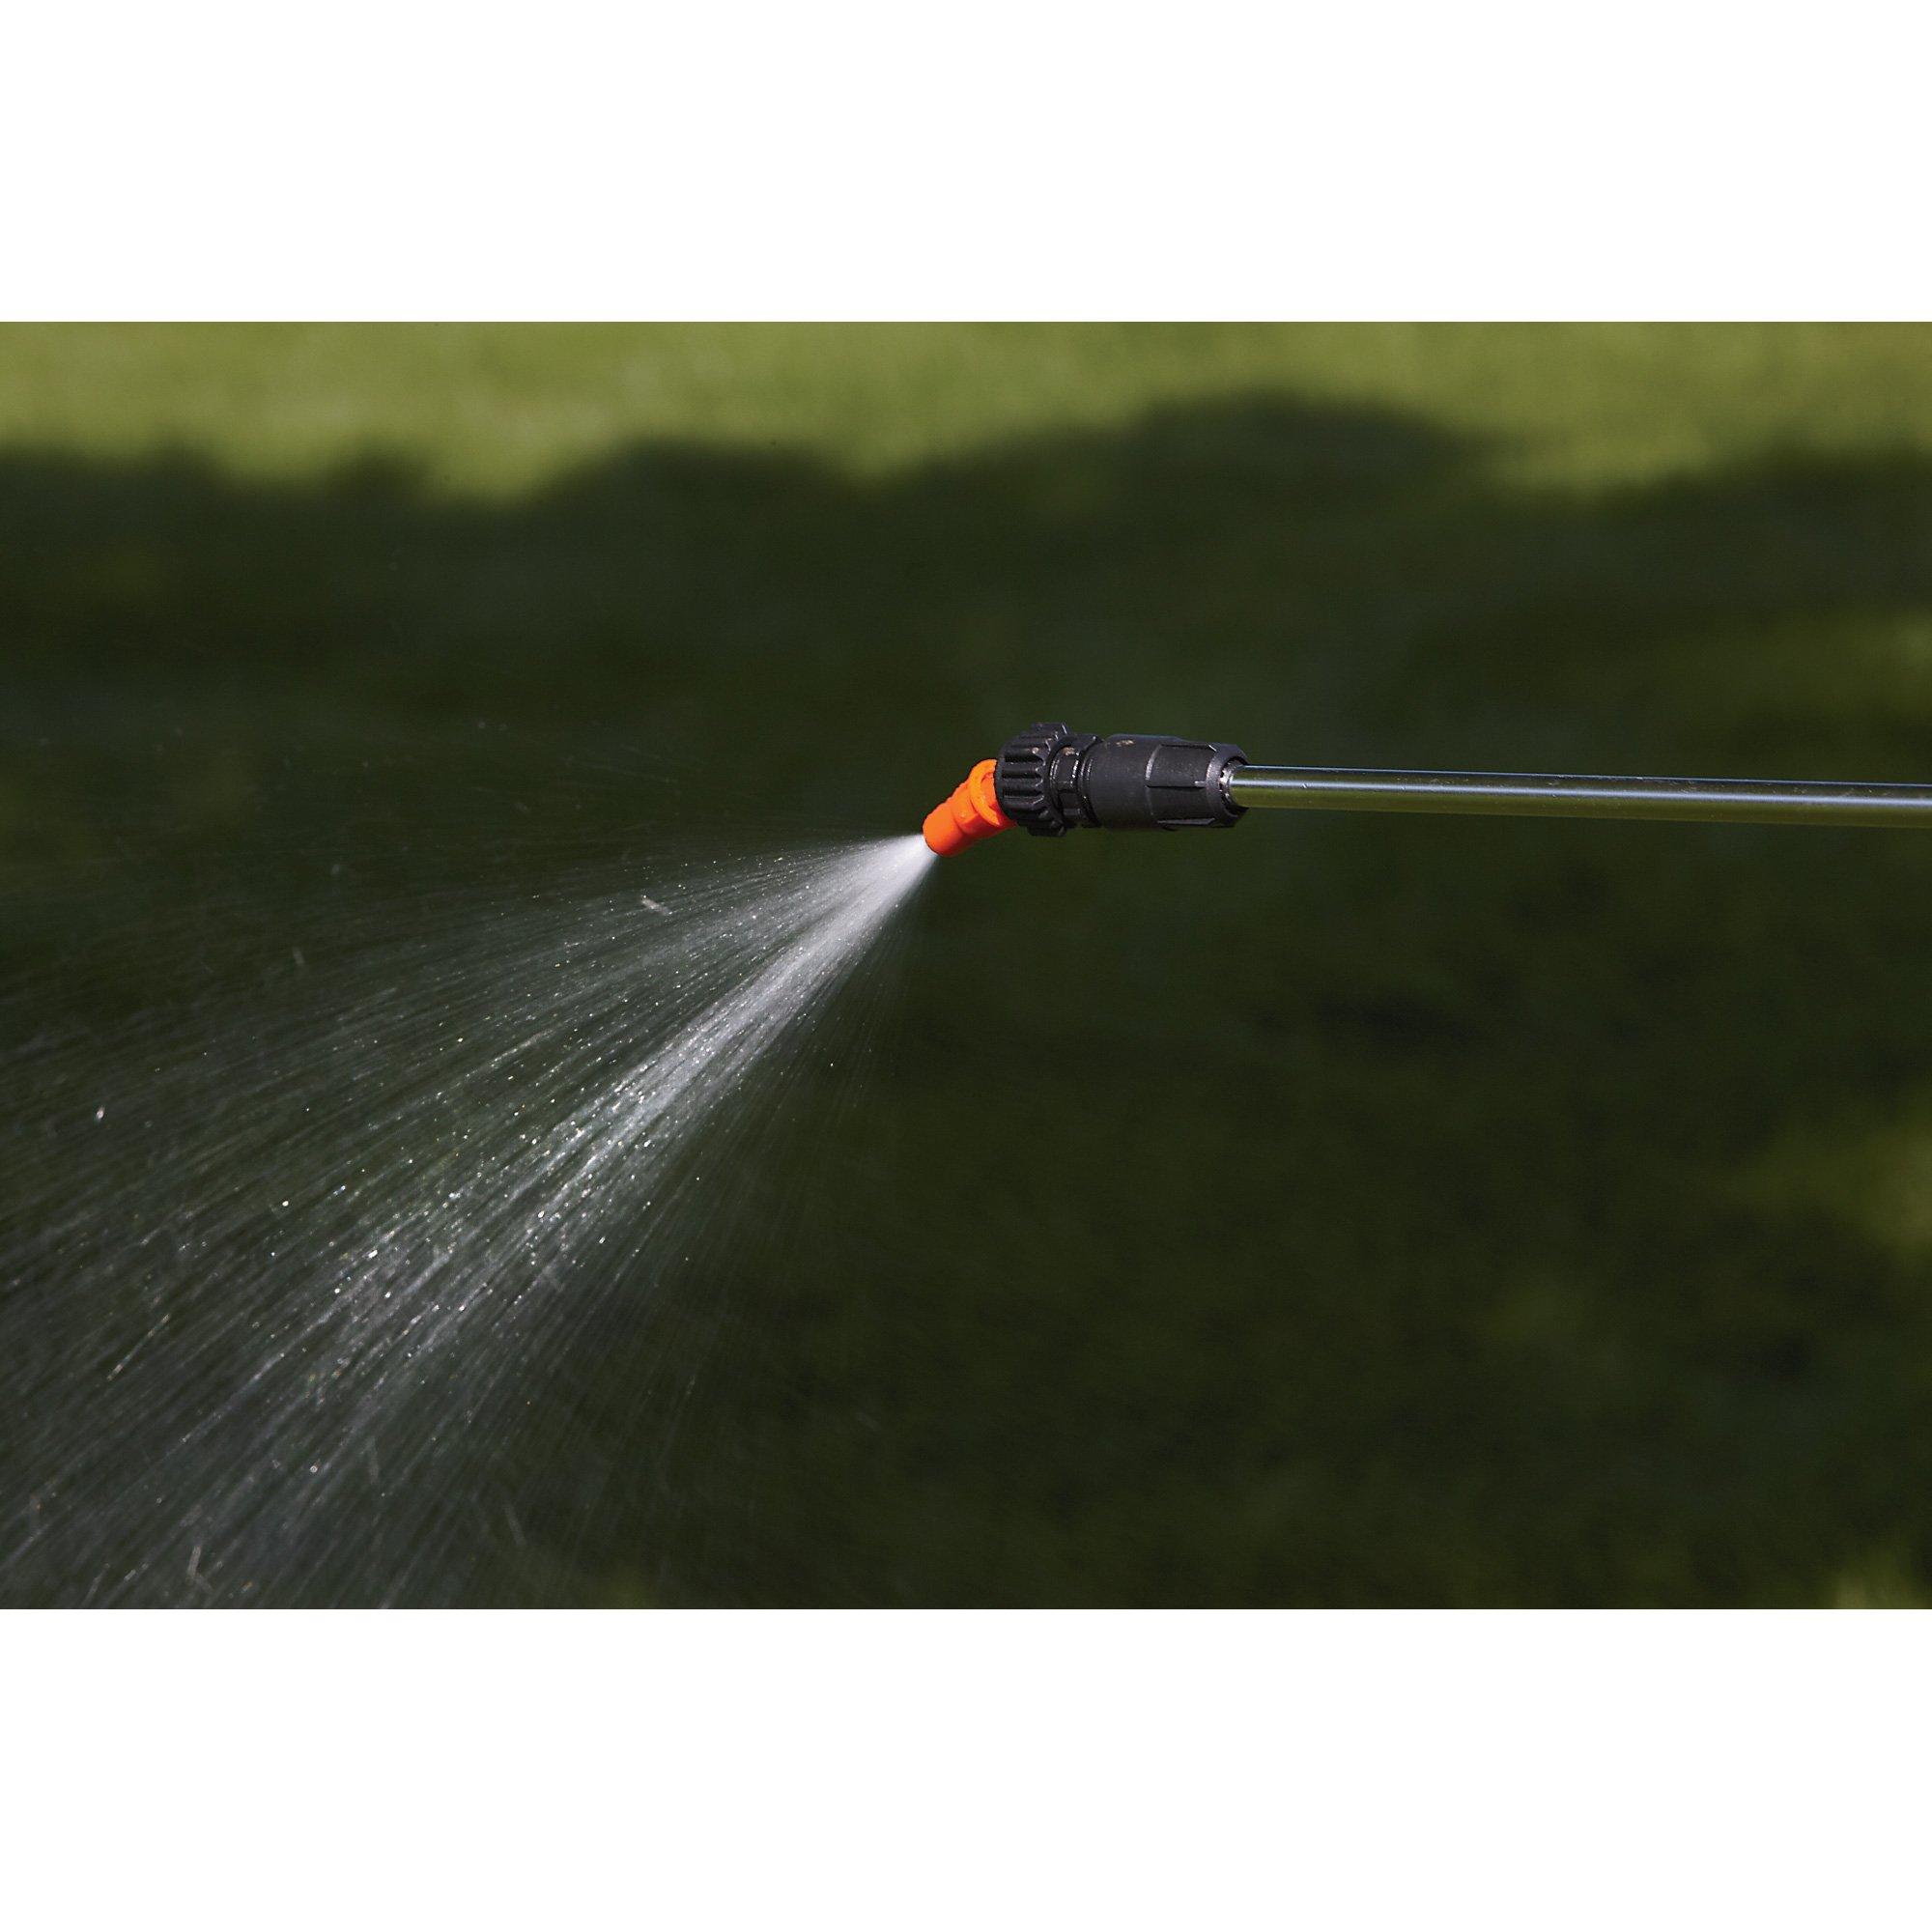 NorthStar ATV Spot Sprayer - 10 Gallon, 1 GPM, 12 Volt